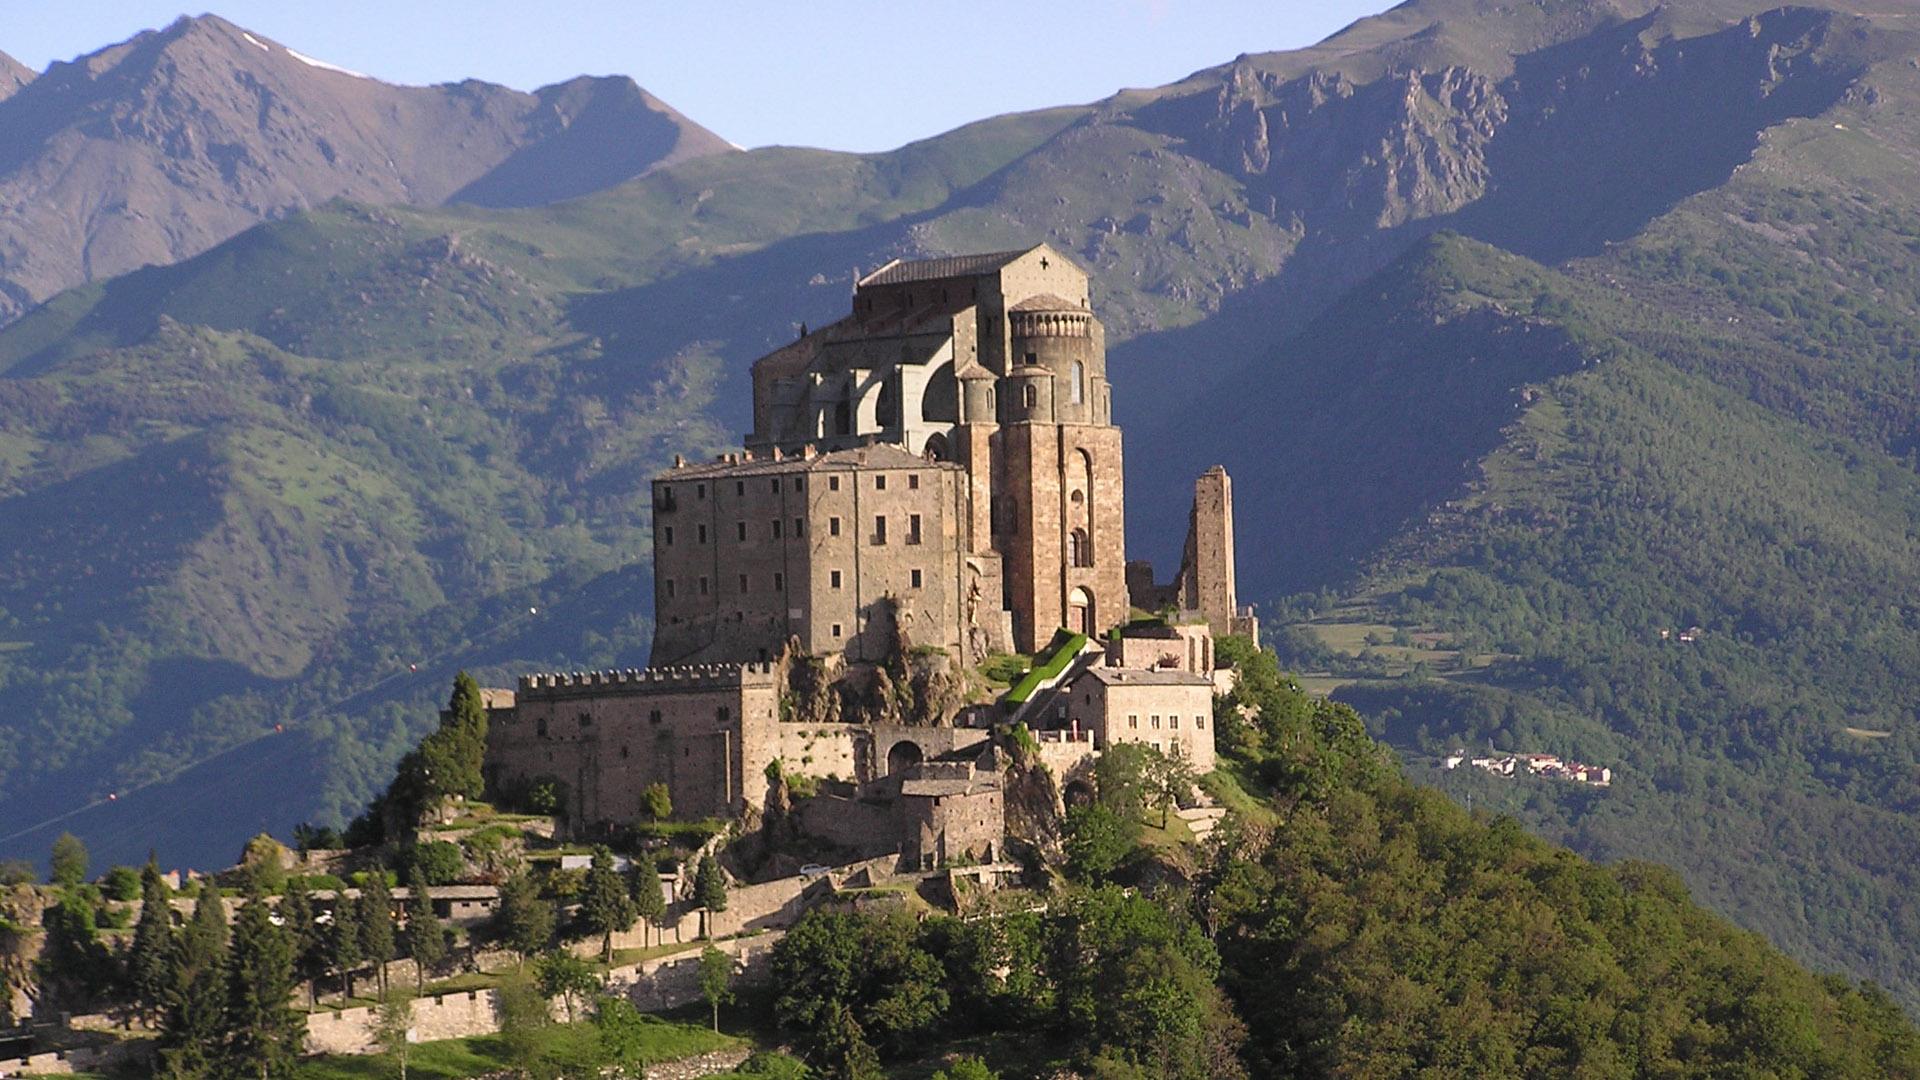 Abbey Sacra San Michele